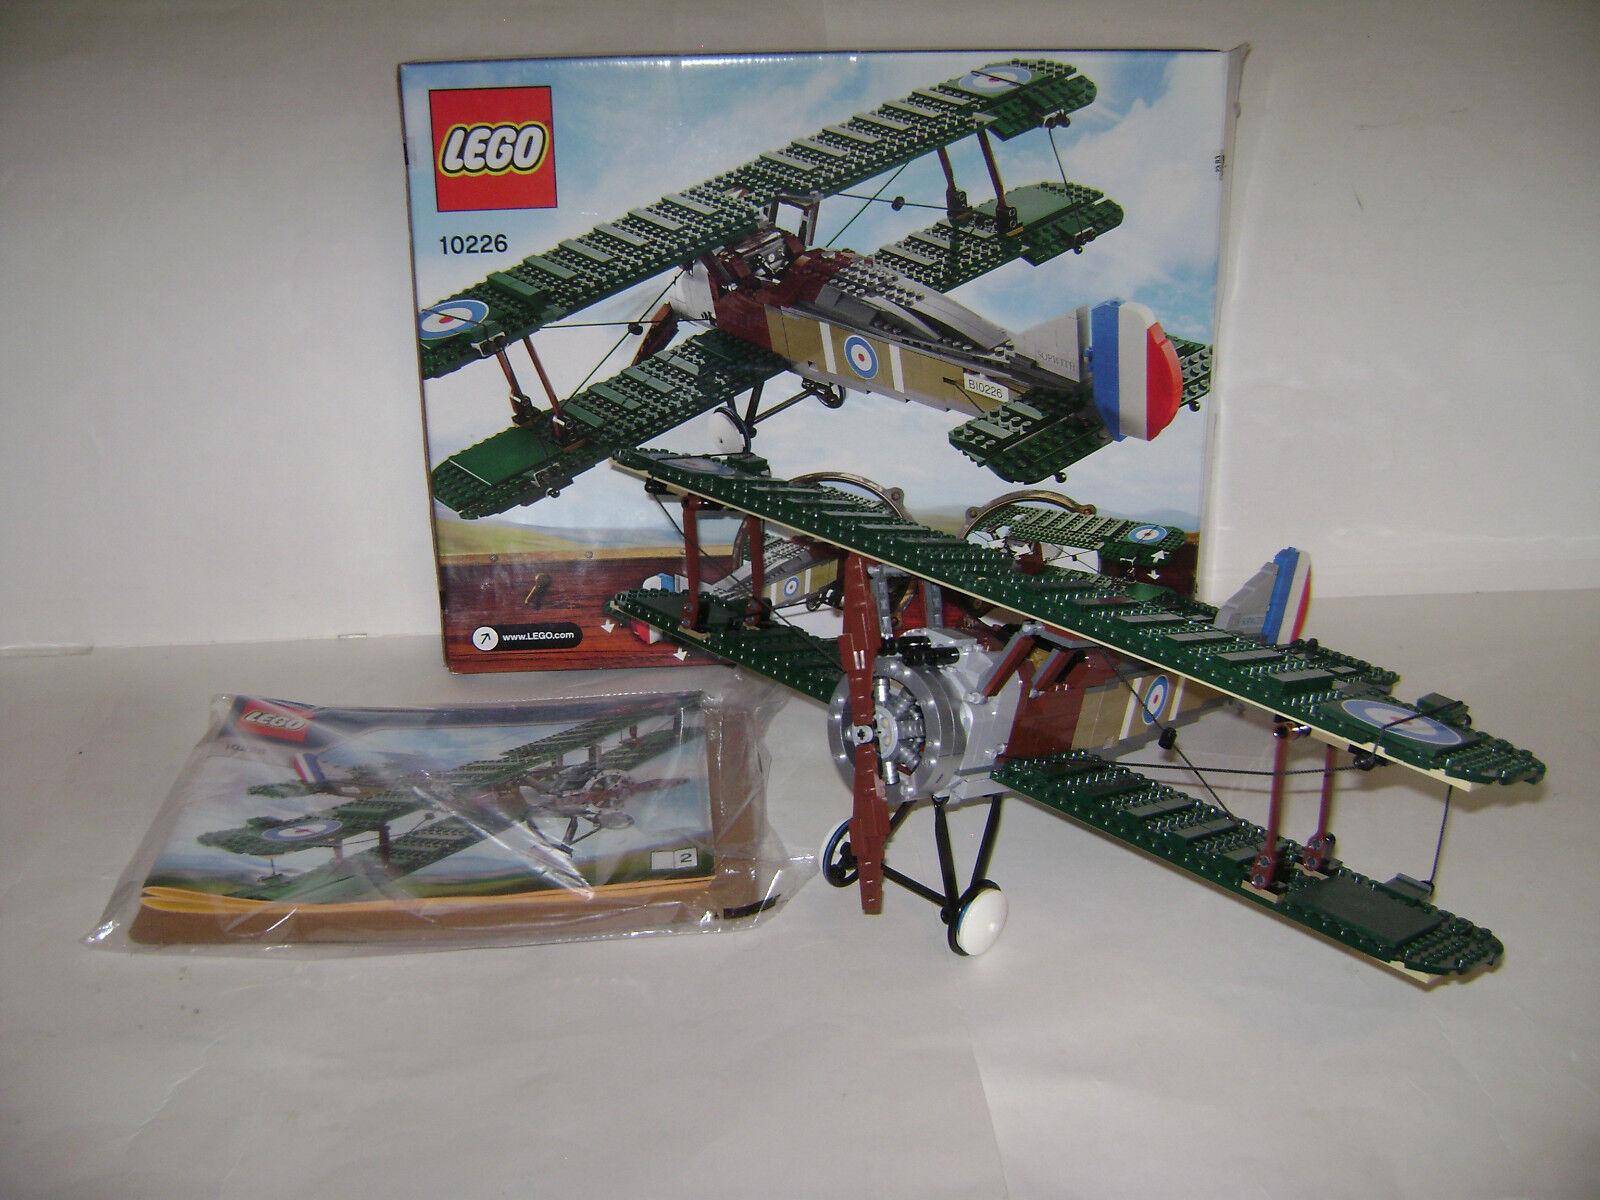 LEGO 10226 Sopwith Camel Grün Bi Plane Plane Plane Building Toy RETIROT RARE a9ac3e